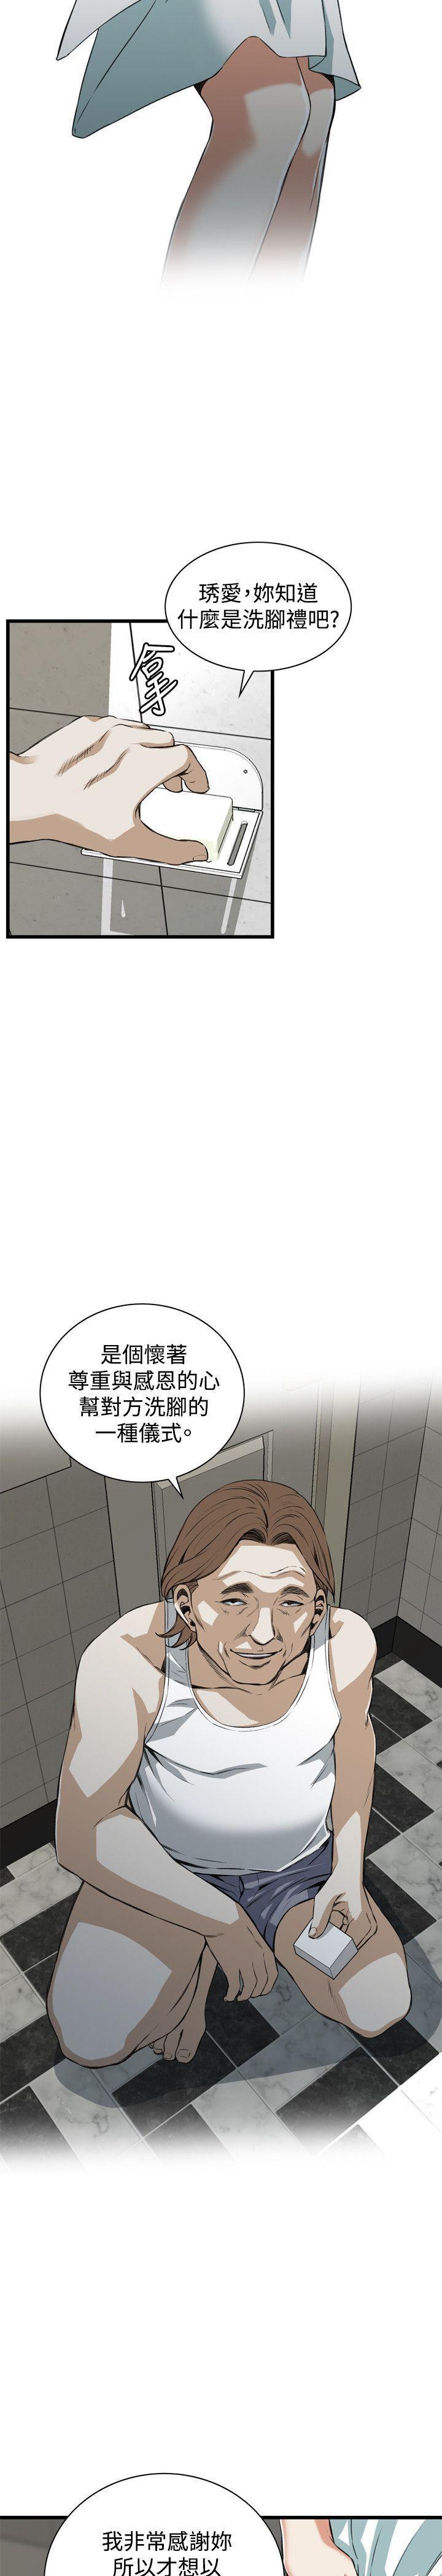 偷窥72-93 Chinese Rsiky 278